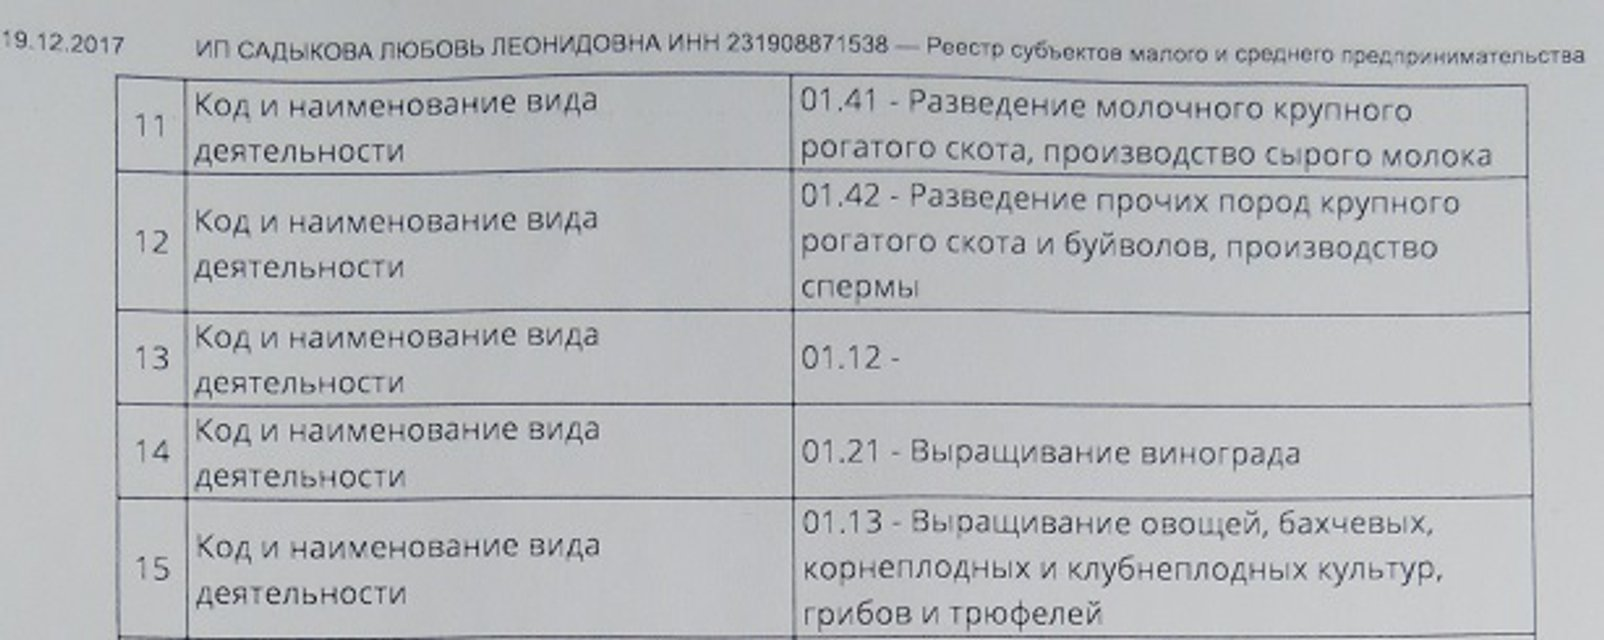 Трюфеля и сперма: Чем занимается бывшая пассия Януковича - фото 98631